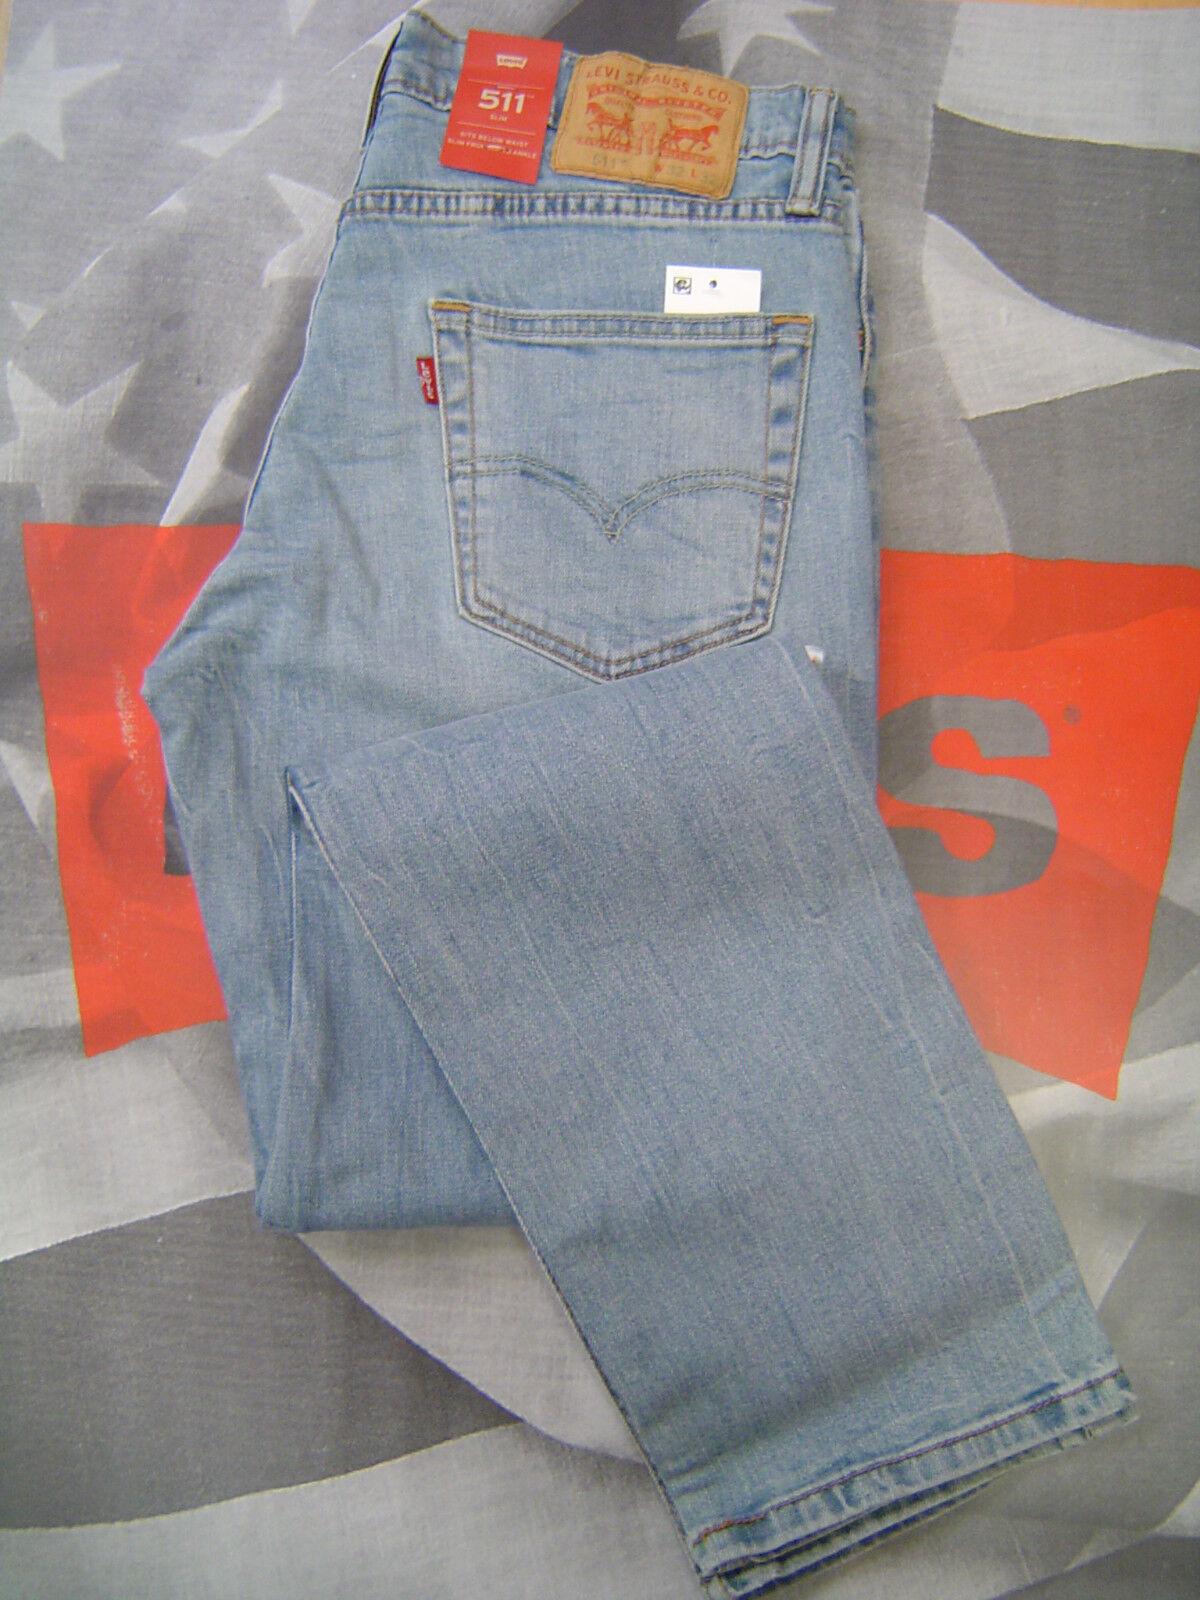 оборона Человек евау джинсы из америки предложения аренды